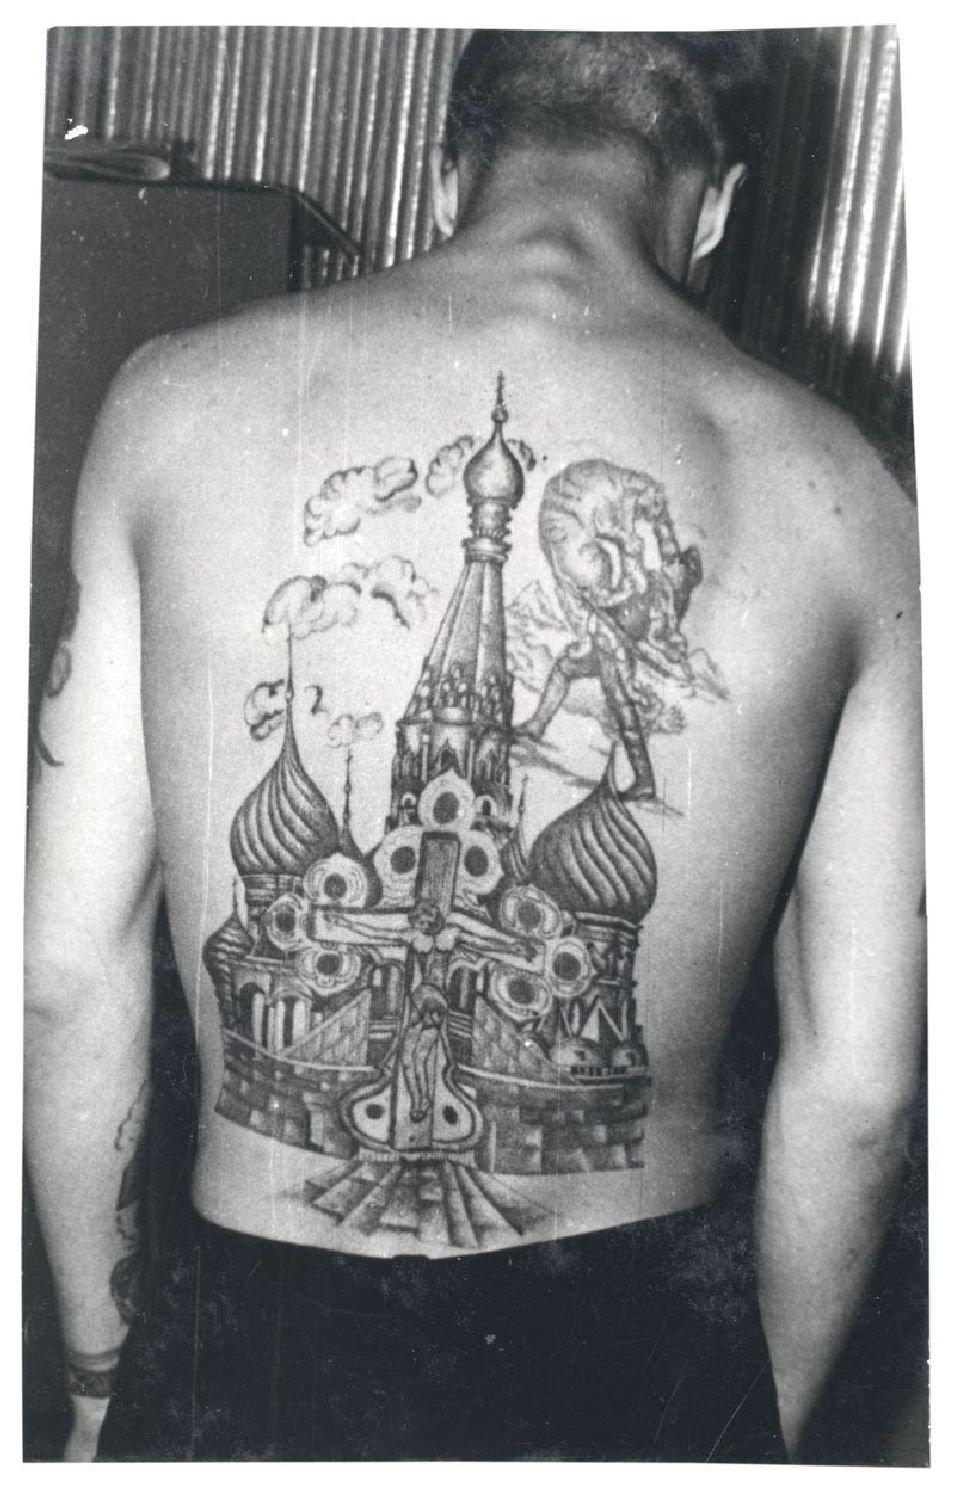 Tatuaż Może Przedstawiać Historię życia Więźnia Opisywać